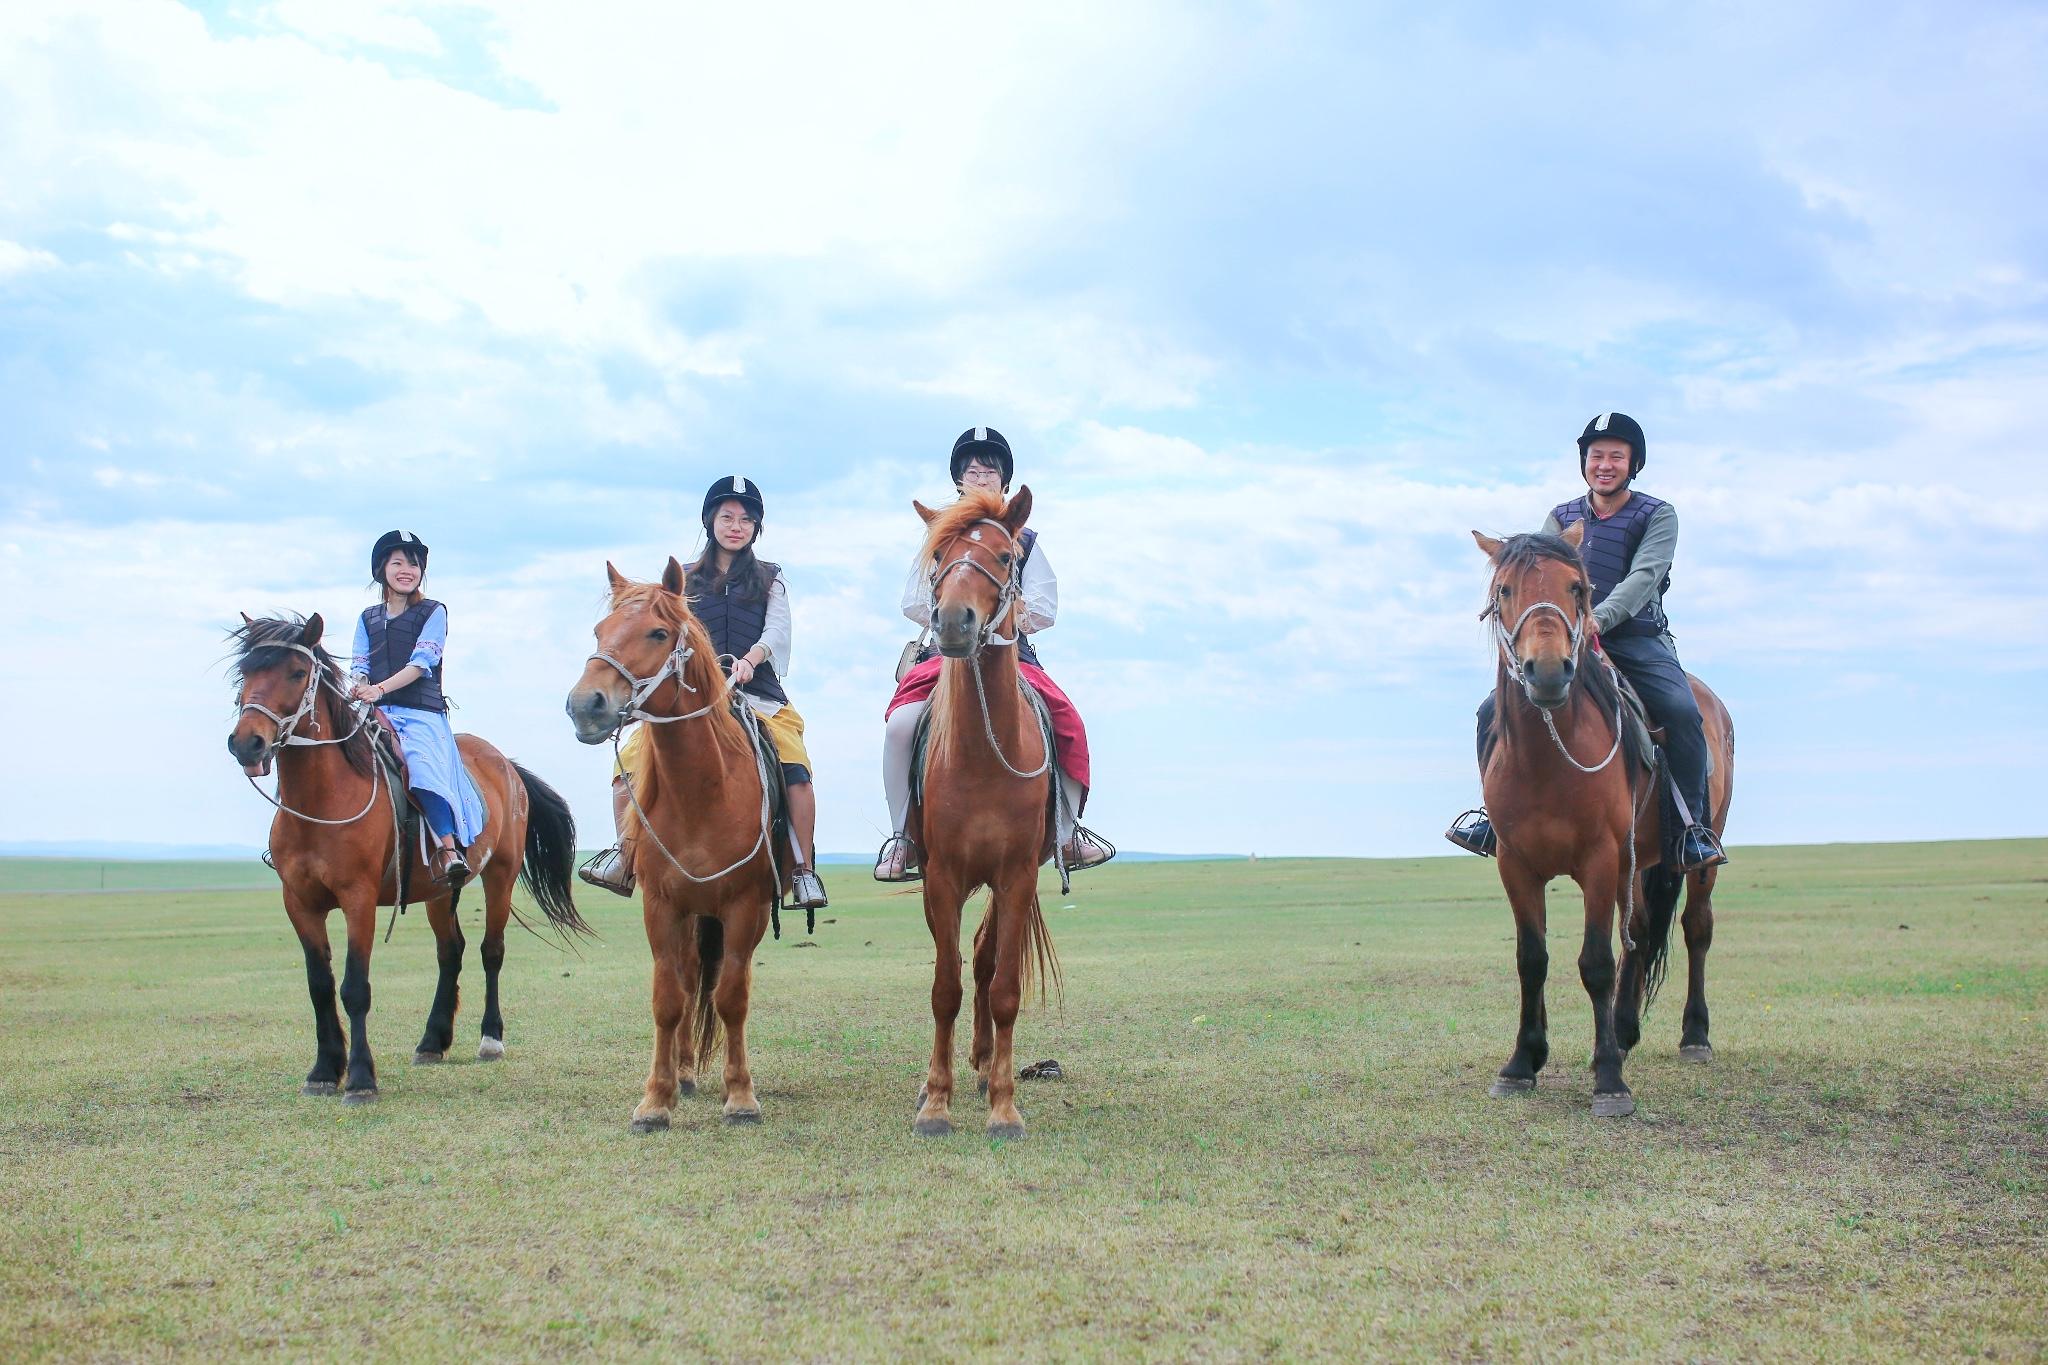 《呼伦贝尔大草原》六天五夜'—呼伦贝尔大草原+全程拍摄+游玩